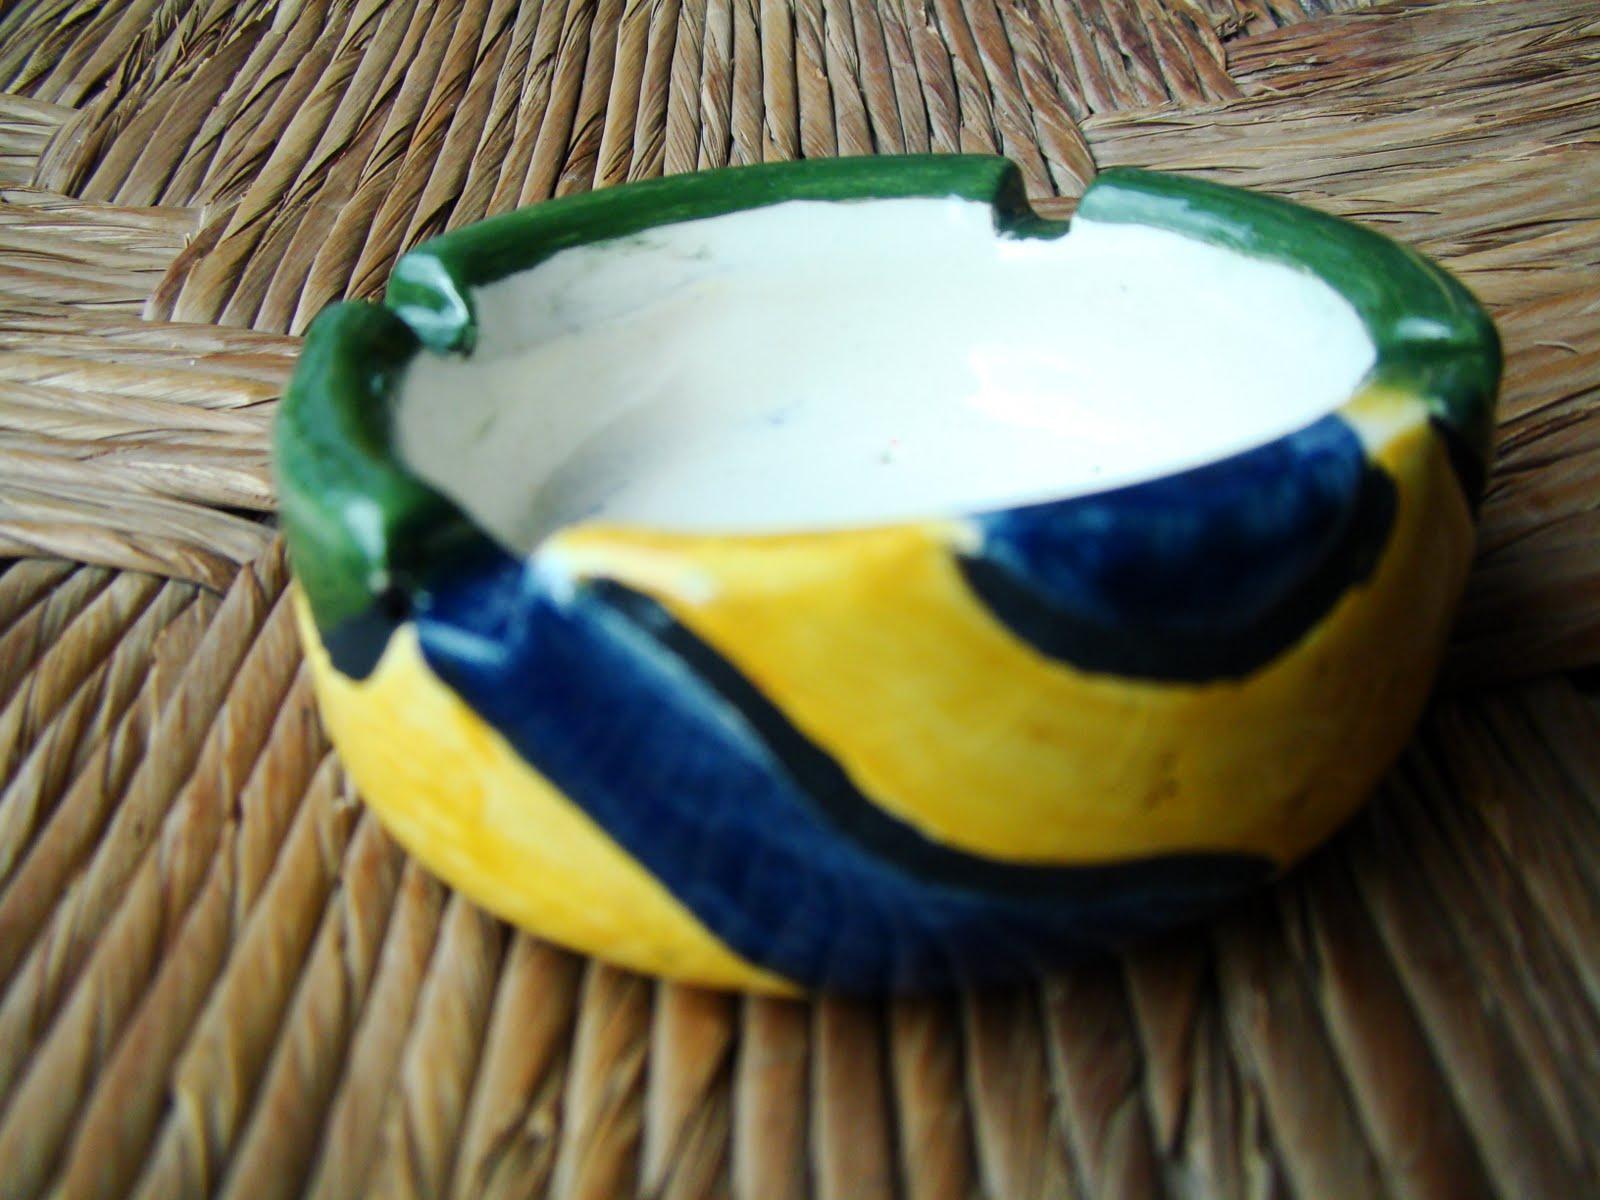 Huinhila decoracion artesanal ceniceros de ceramica for Decoracion en ceramica artesanal